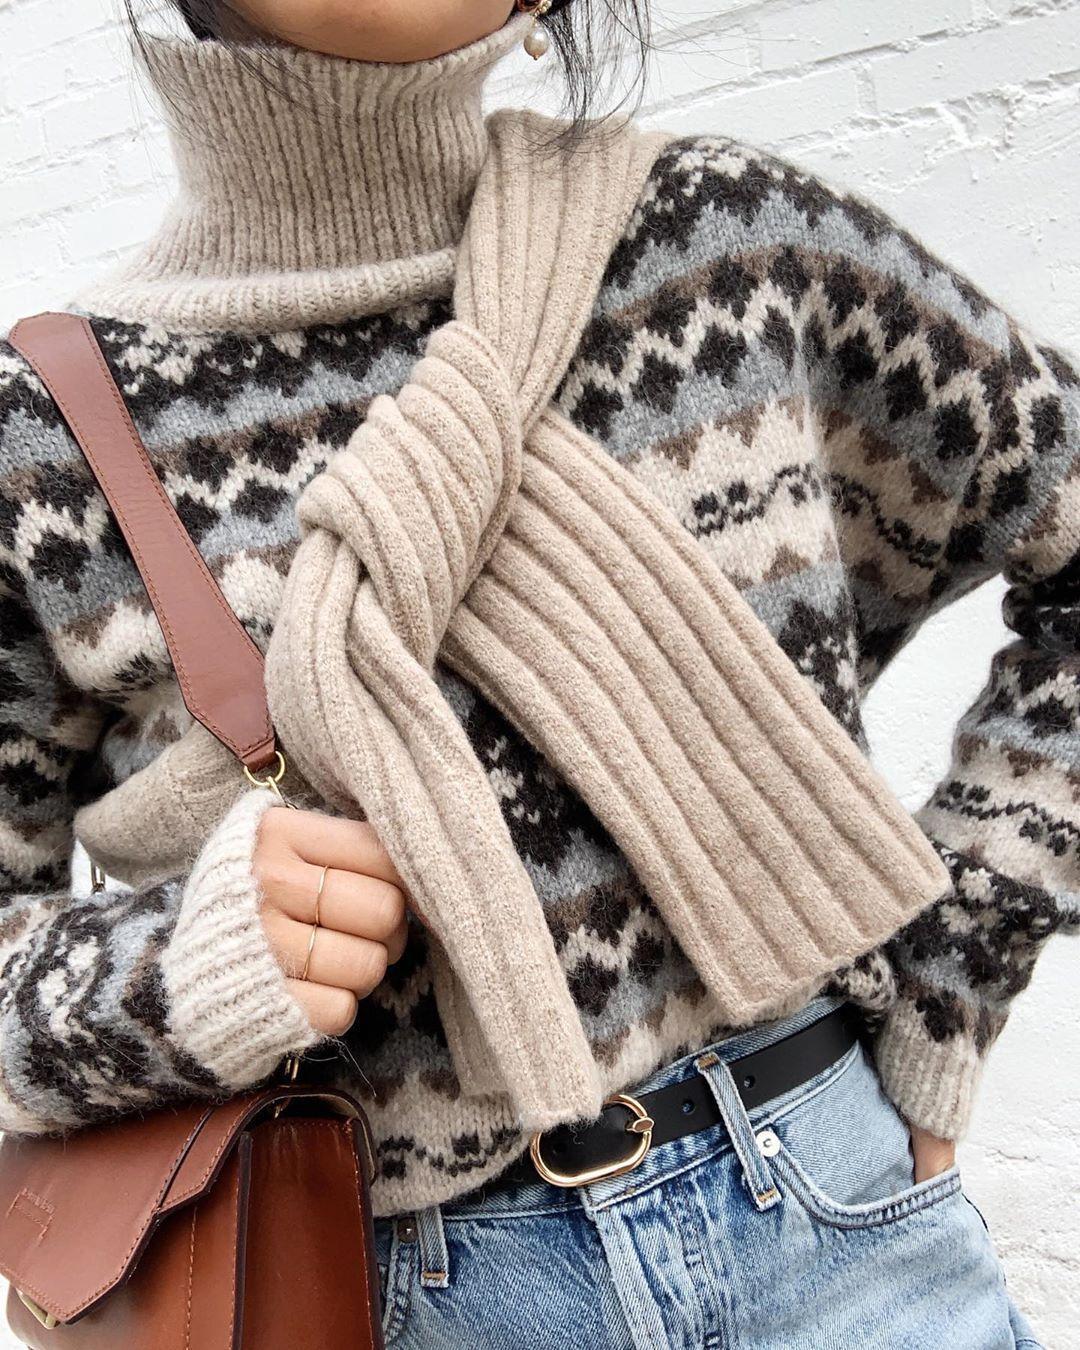 sweater belt jeans